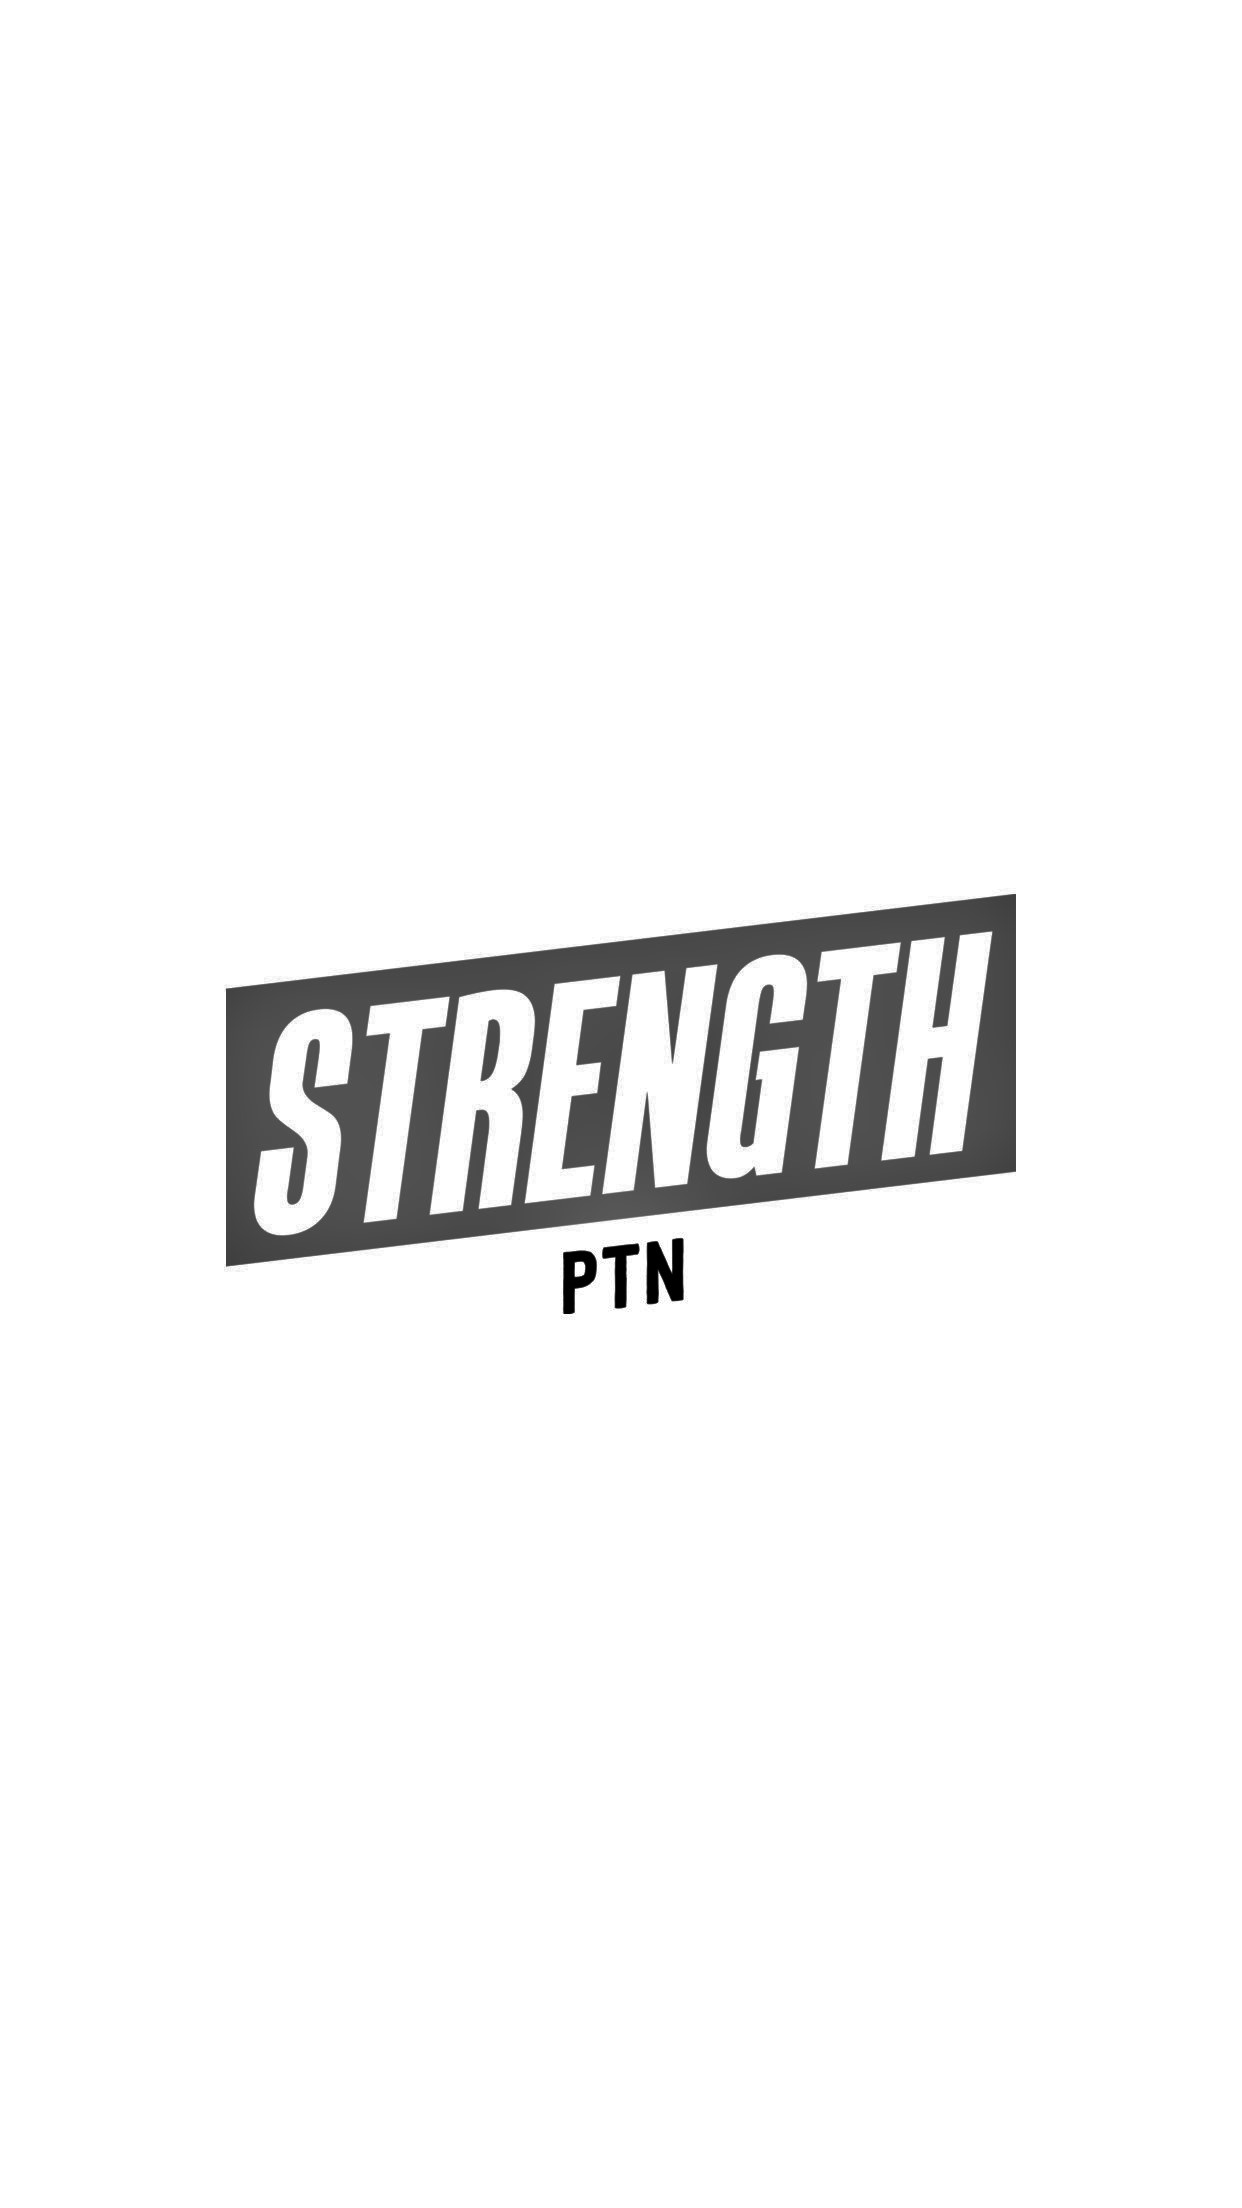 logo_sizegr.jpg